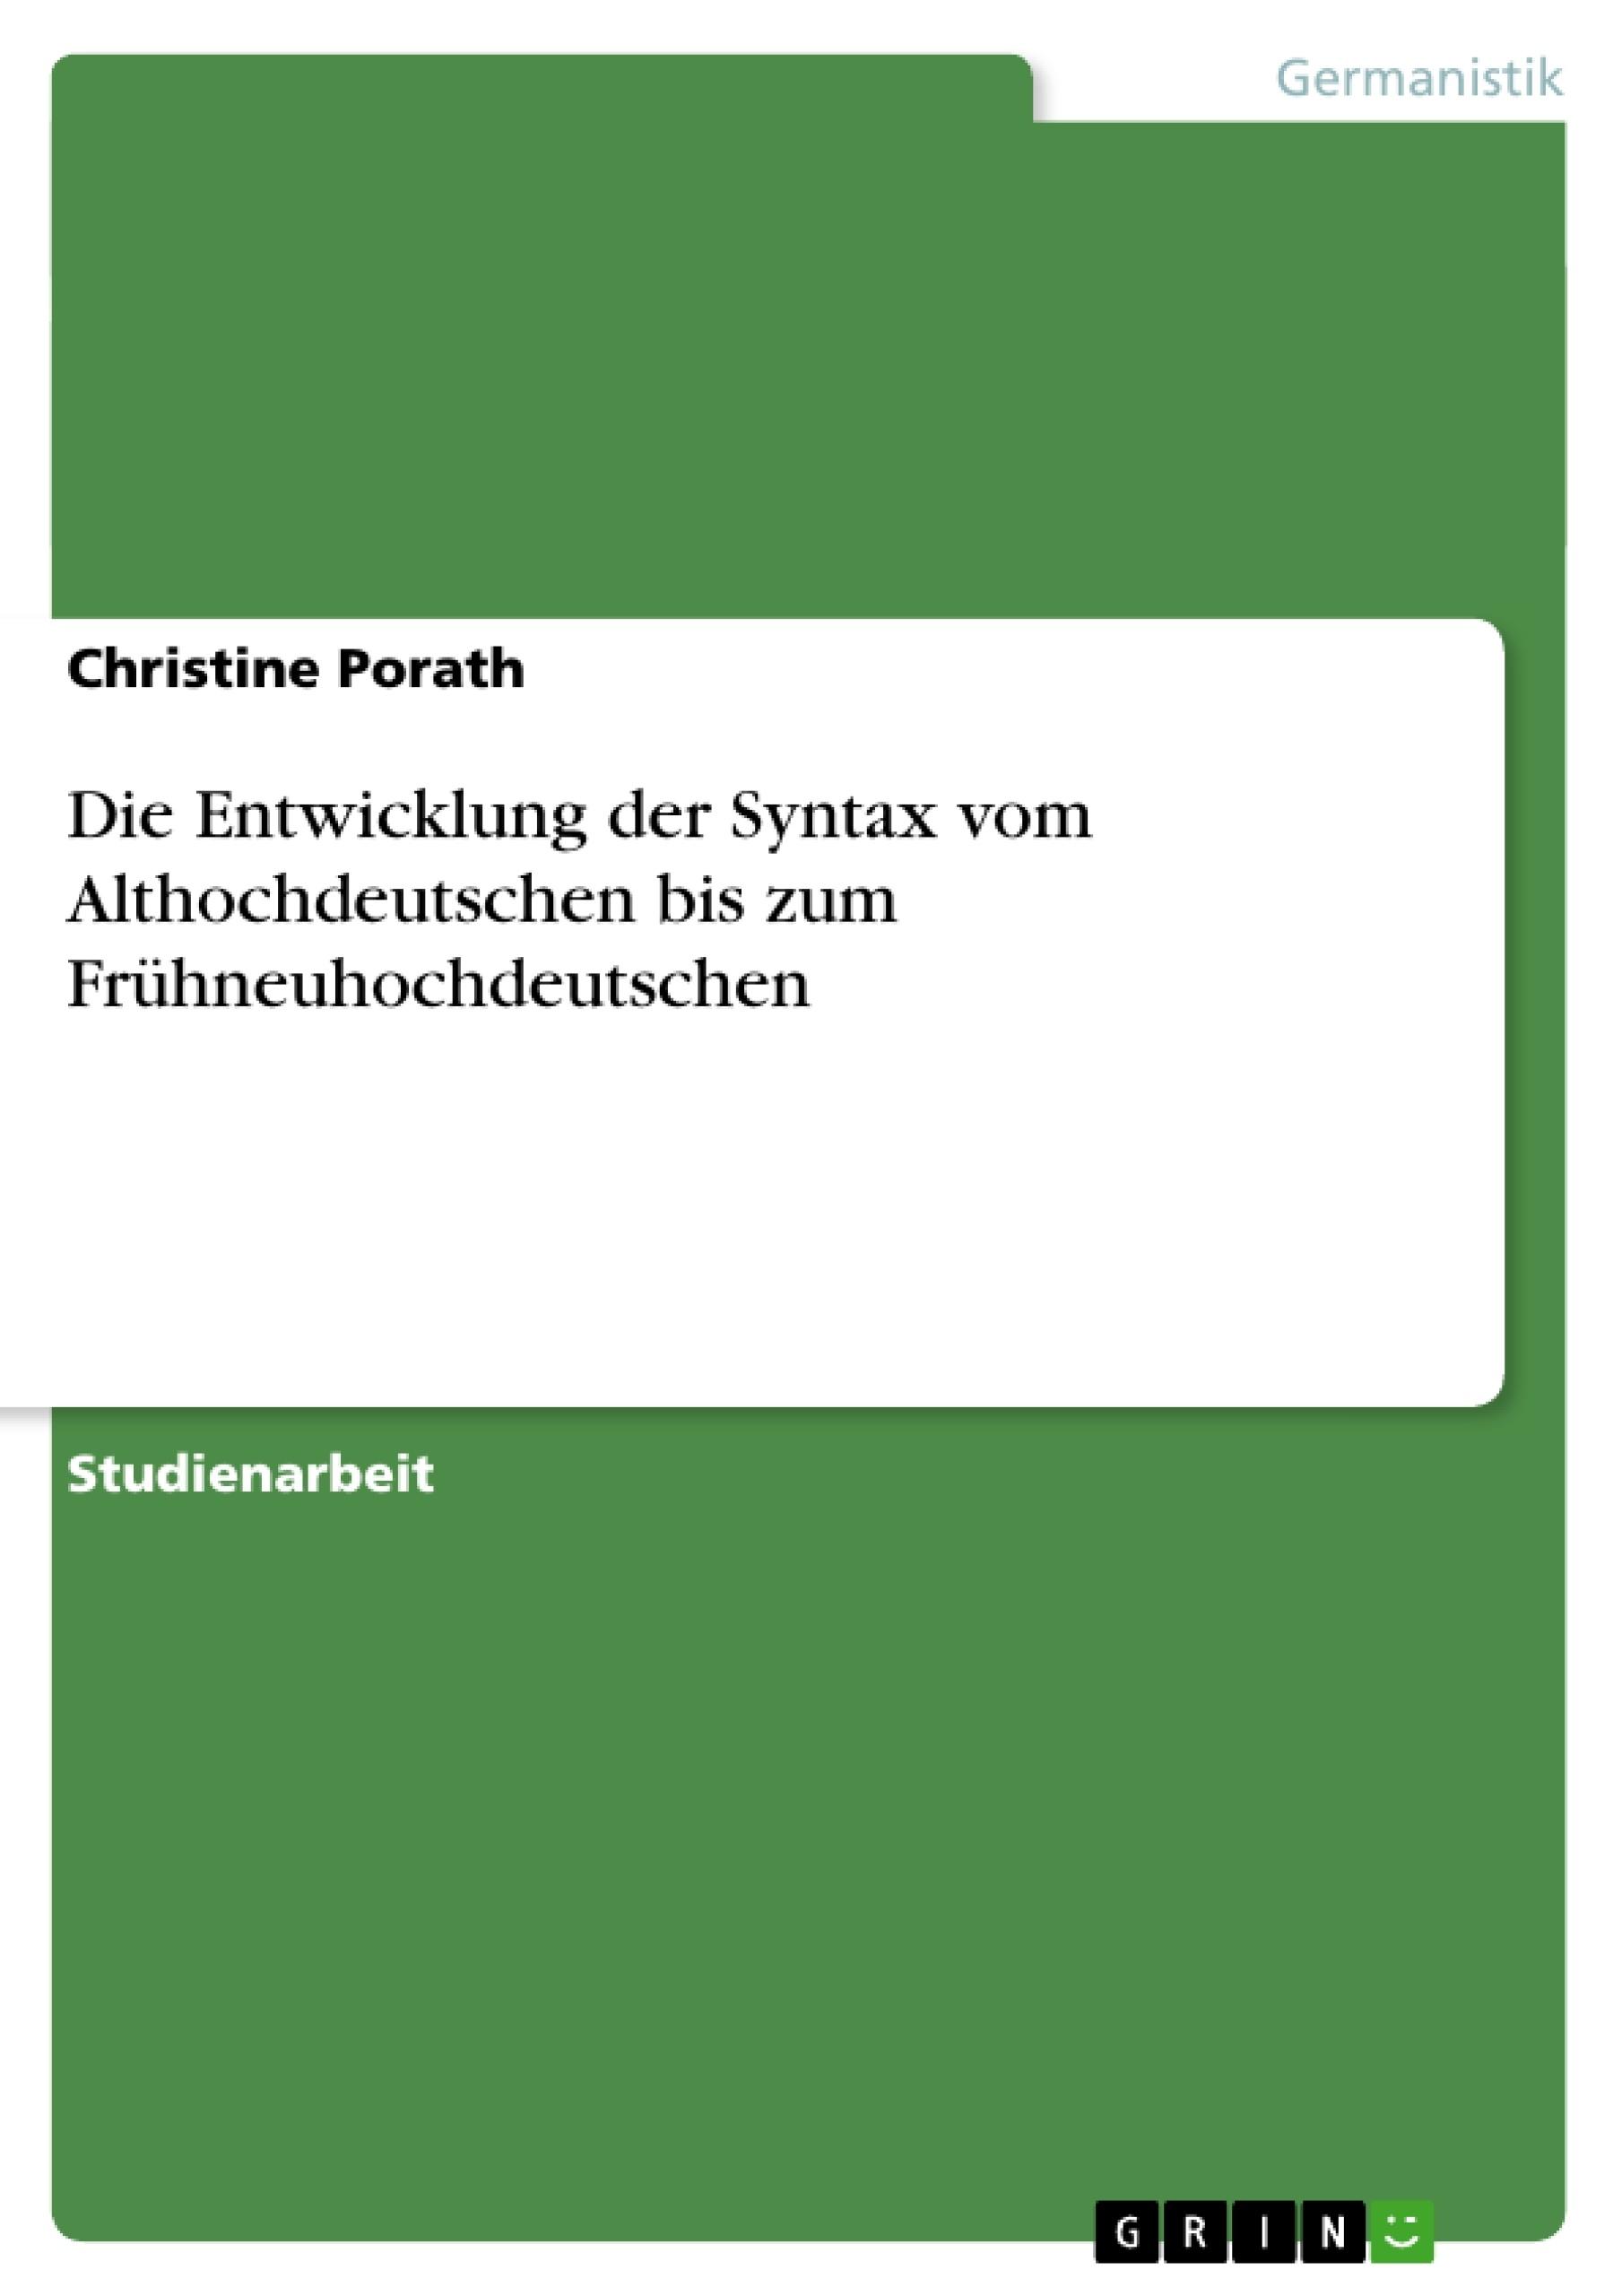 Titel: Die Entwicklung der Syntax vom Althochdeutschen bis zum Frühneuhochdeutschen